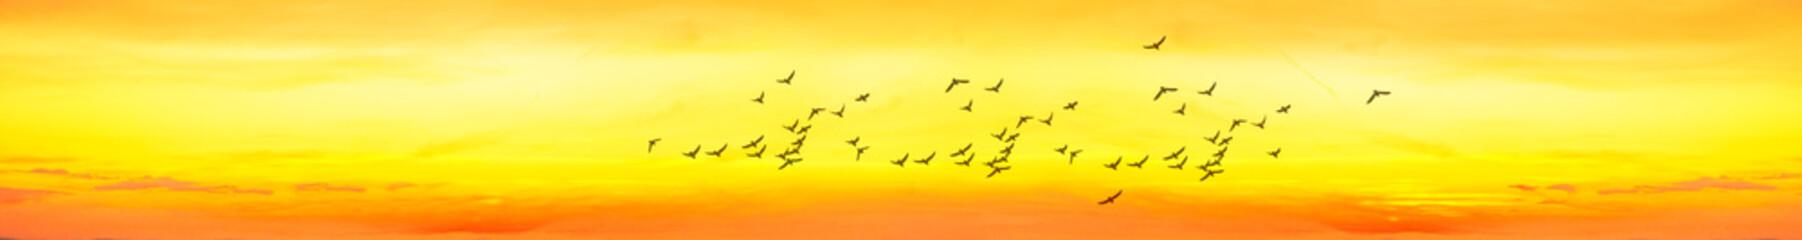 Foto op Plexiglas Zwavel geel panoramica de un cielo anaranjado por el atardecer